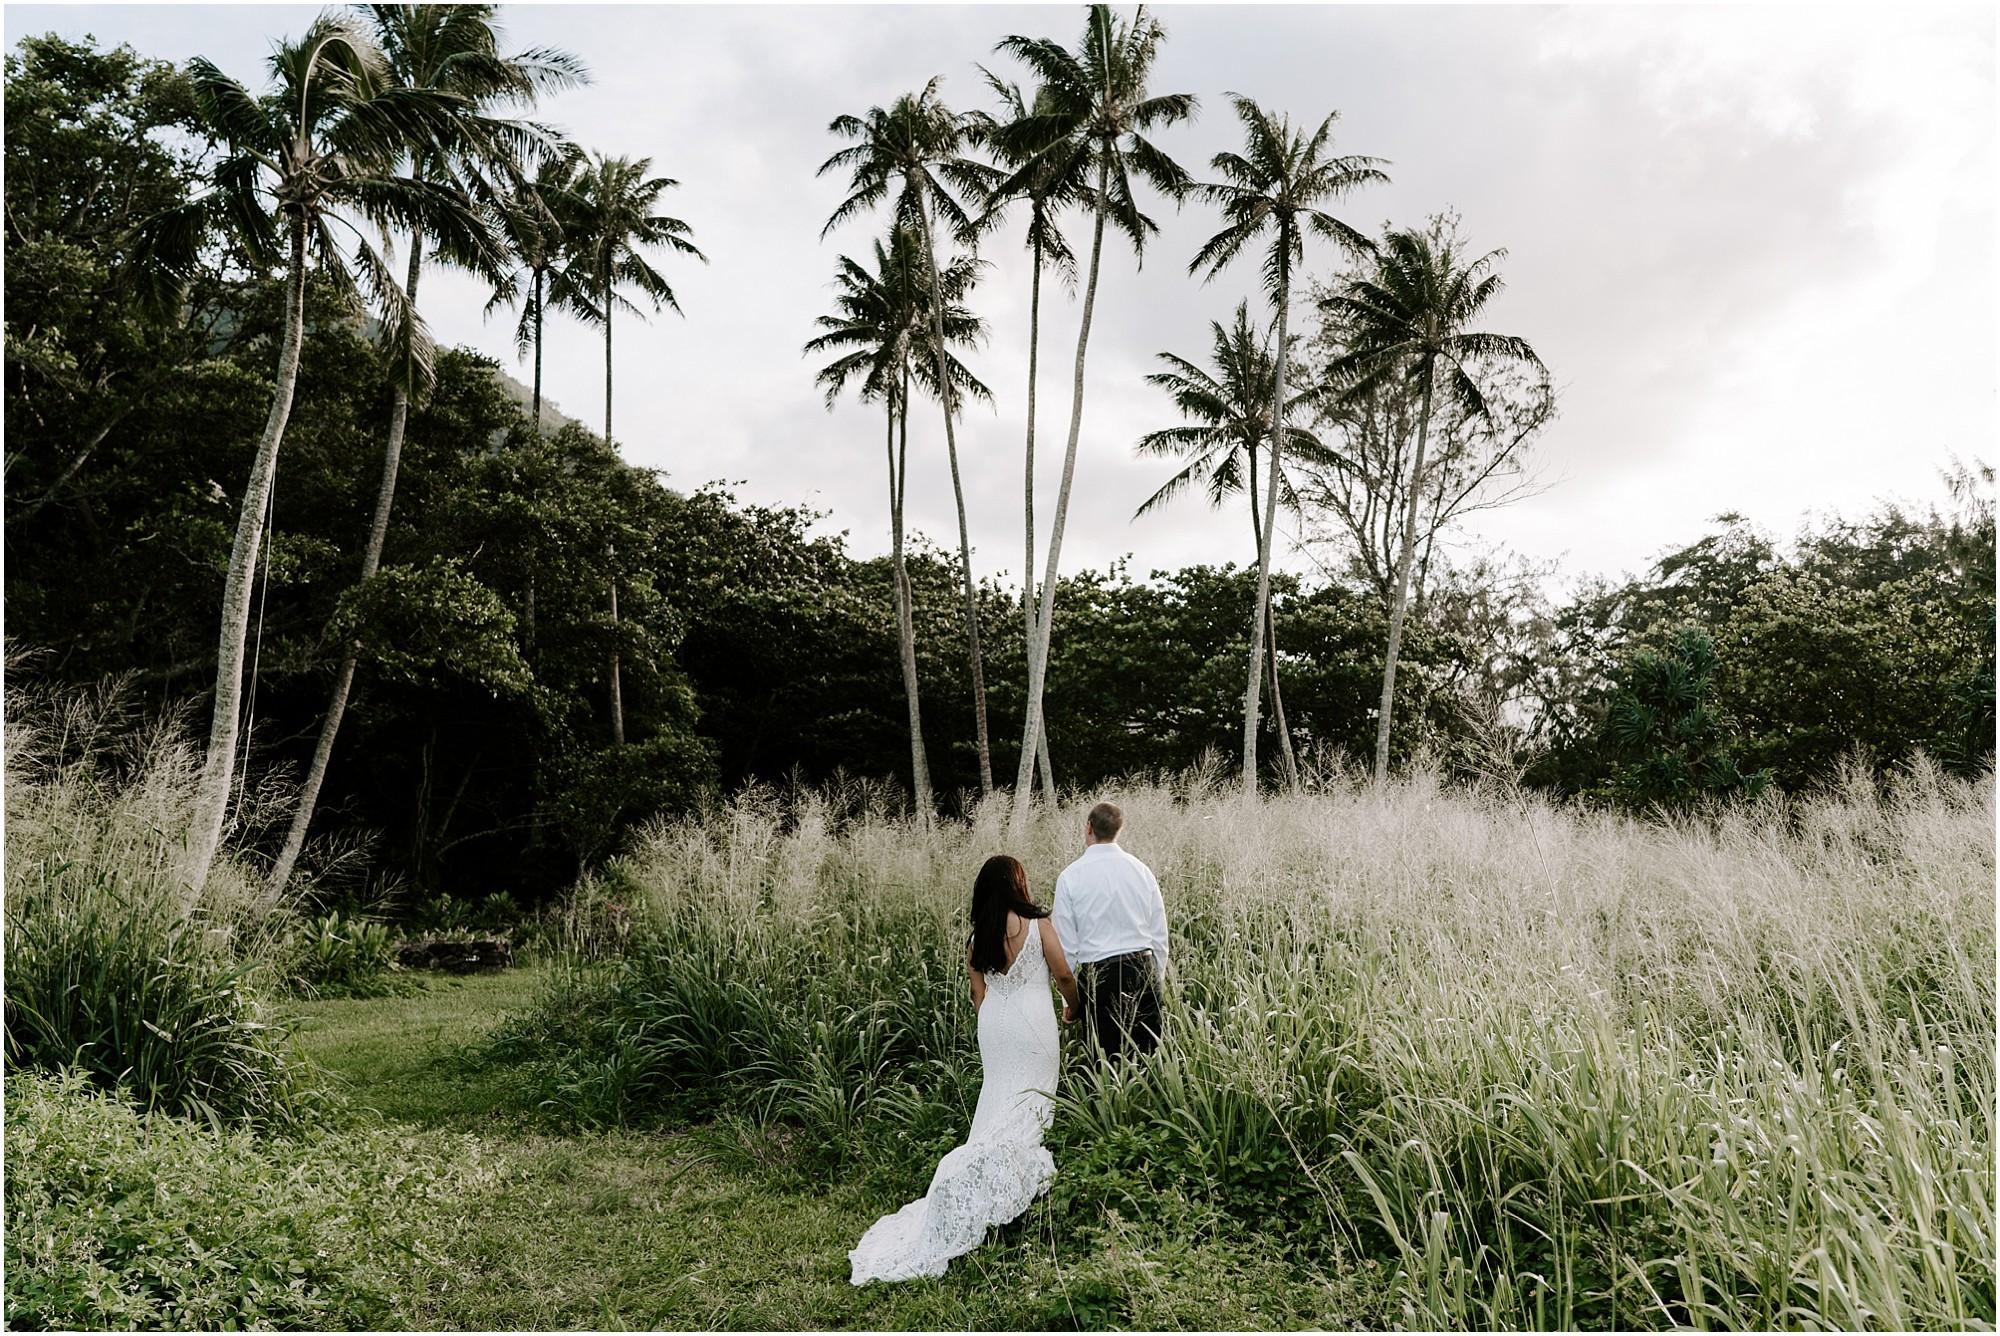 oahu-intimate-bridal-adventure-session_0004.jpg